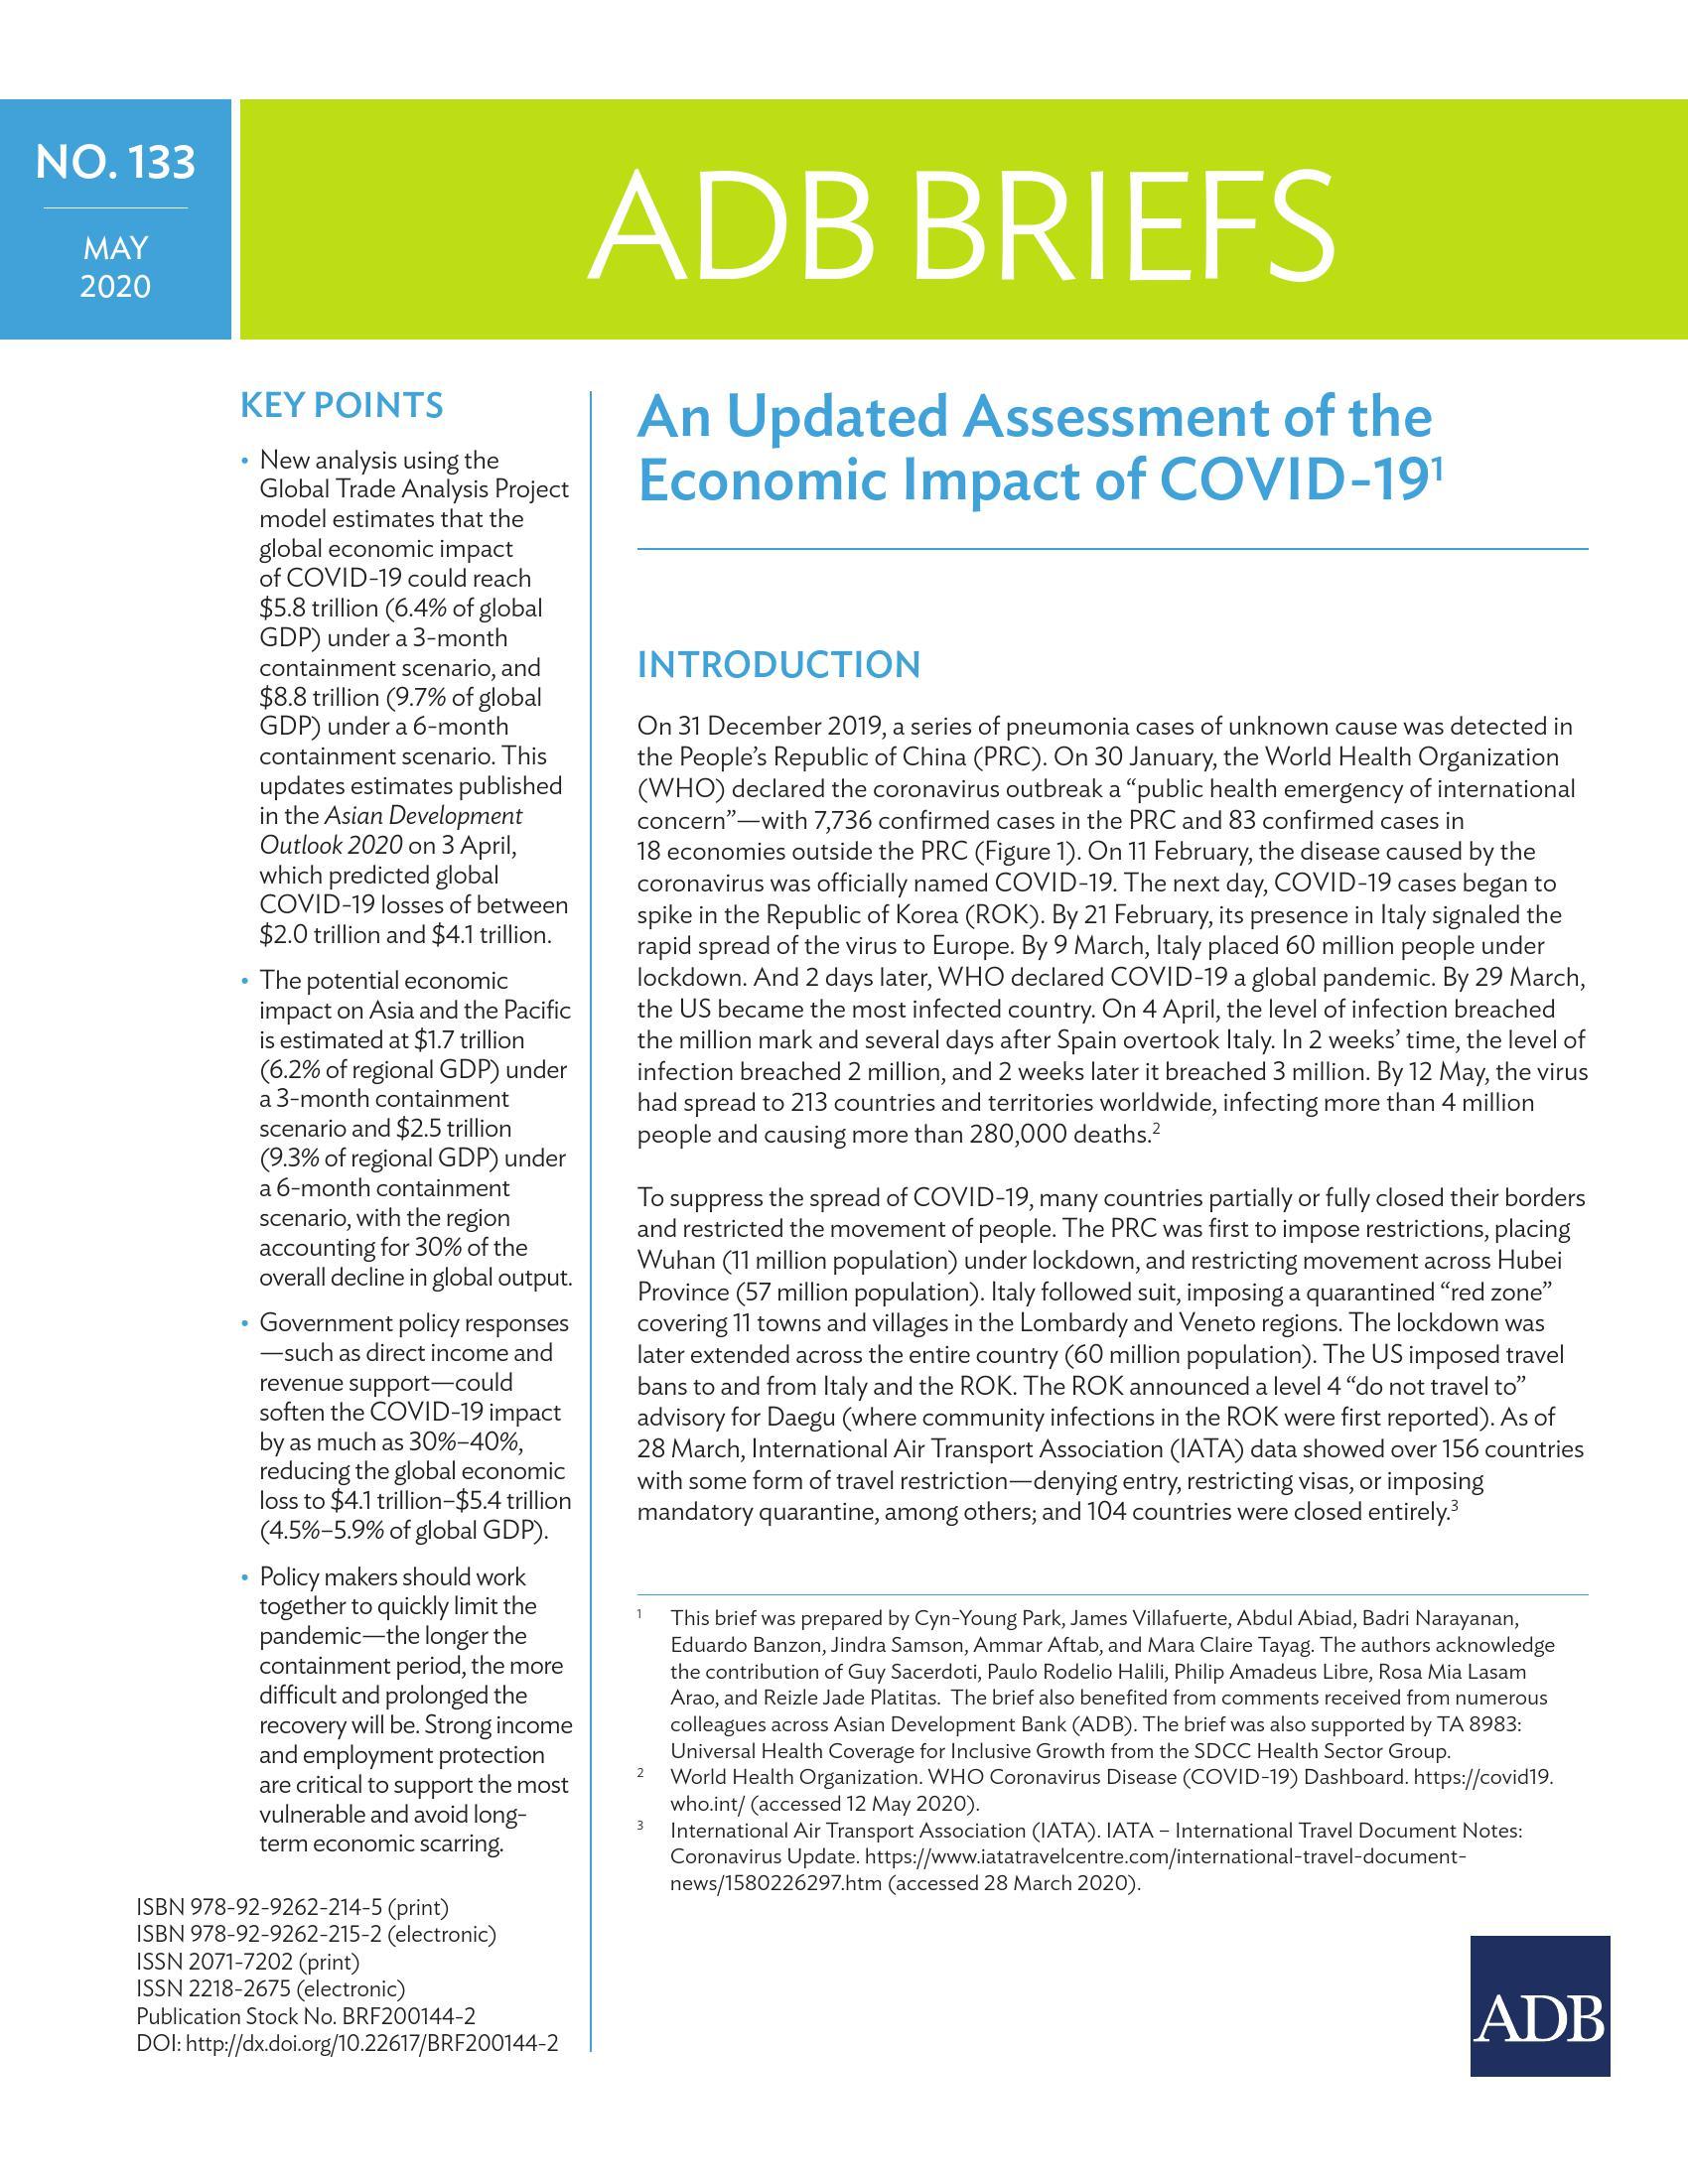 亚洲开发银行:新冠肺炎疫情潜在经济影响最新评估报告